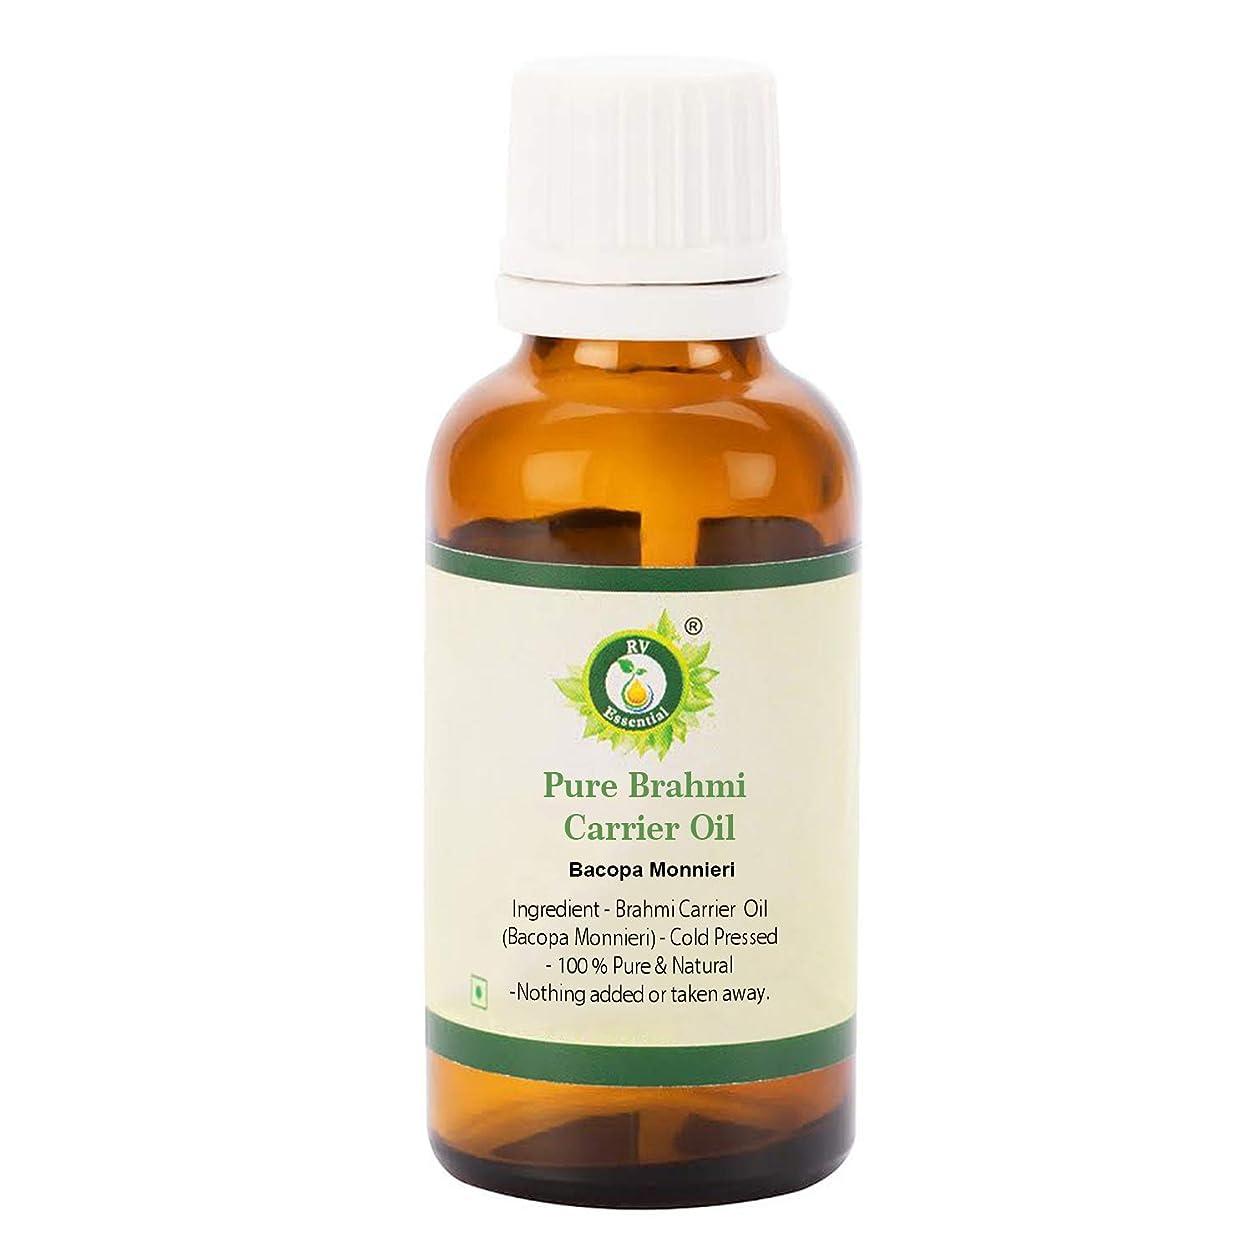 変化キャンプ忘れる純粋なブラフミ油300ml (10oz)- Bacopa Monnieri (100%純粋で天然の希少ハーブシリーズ) Pure Brahmi Oil